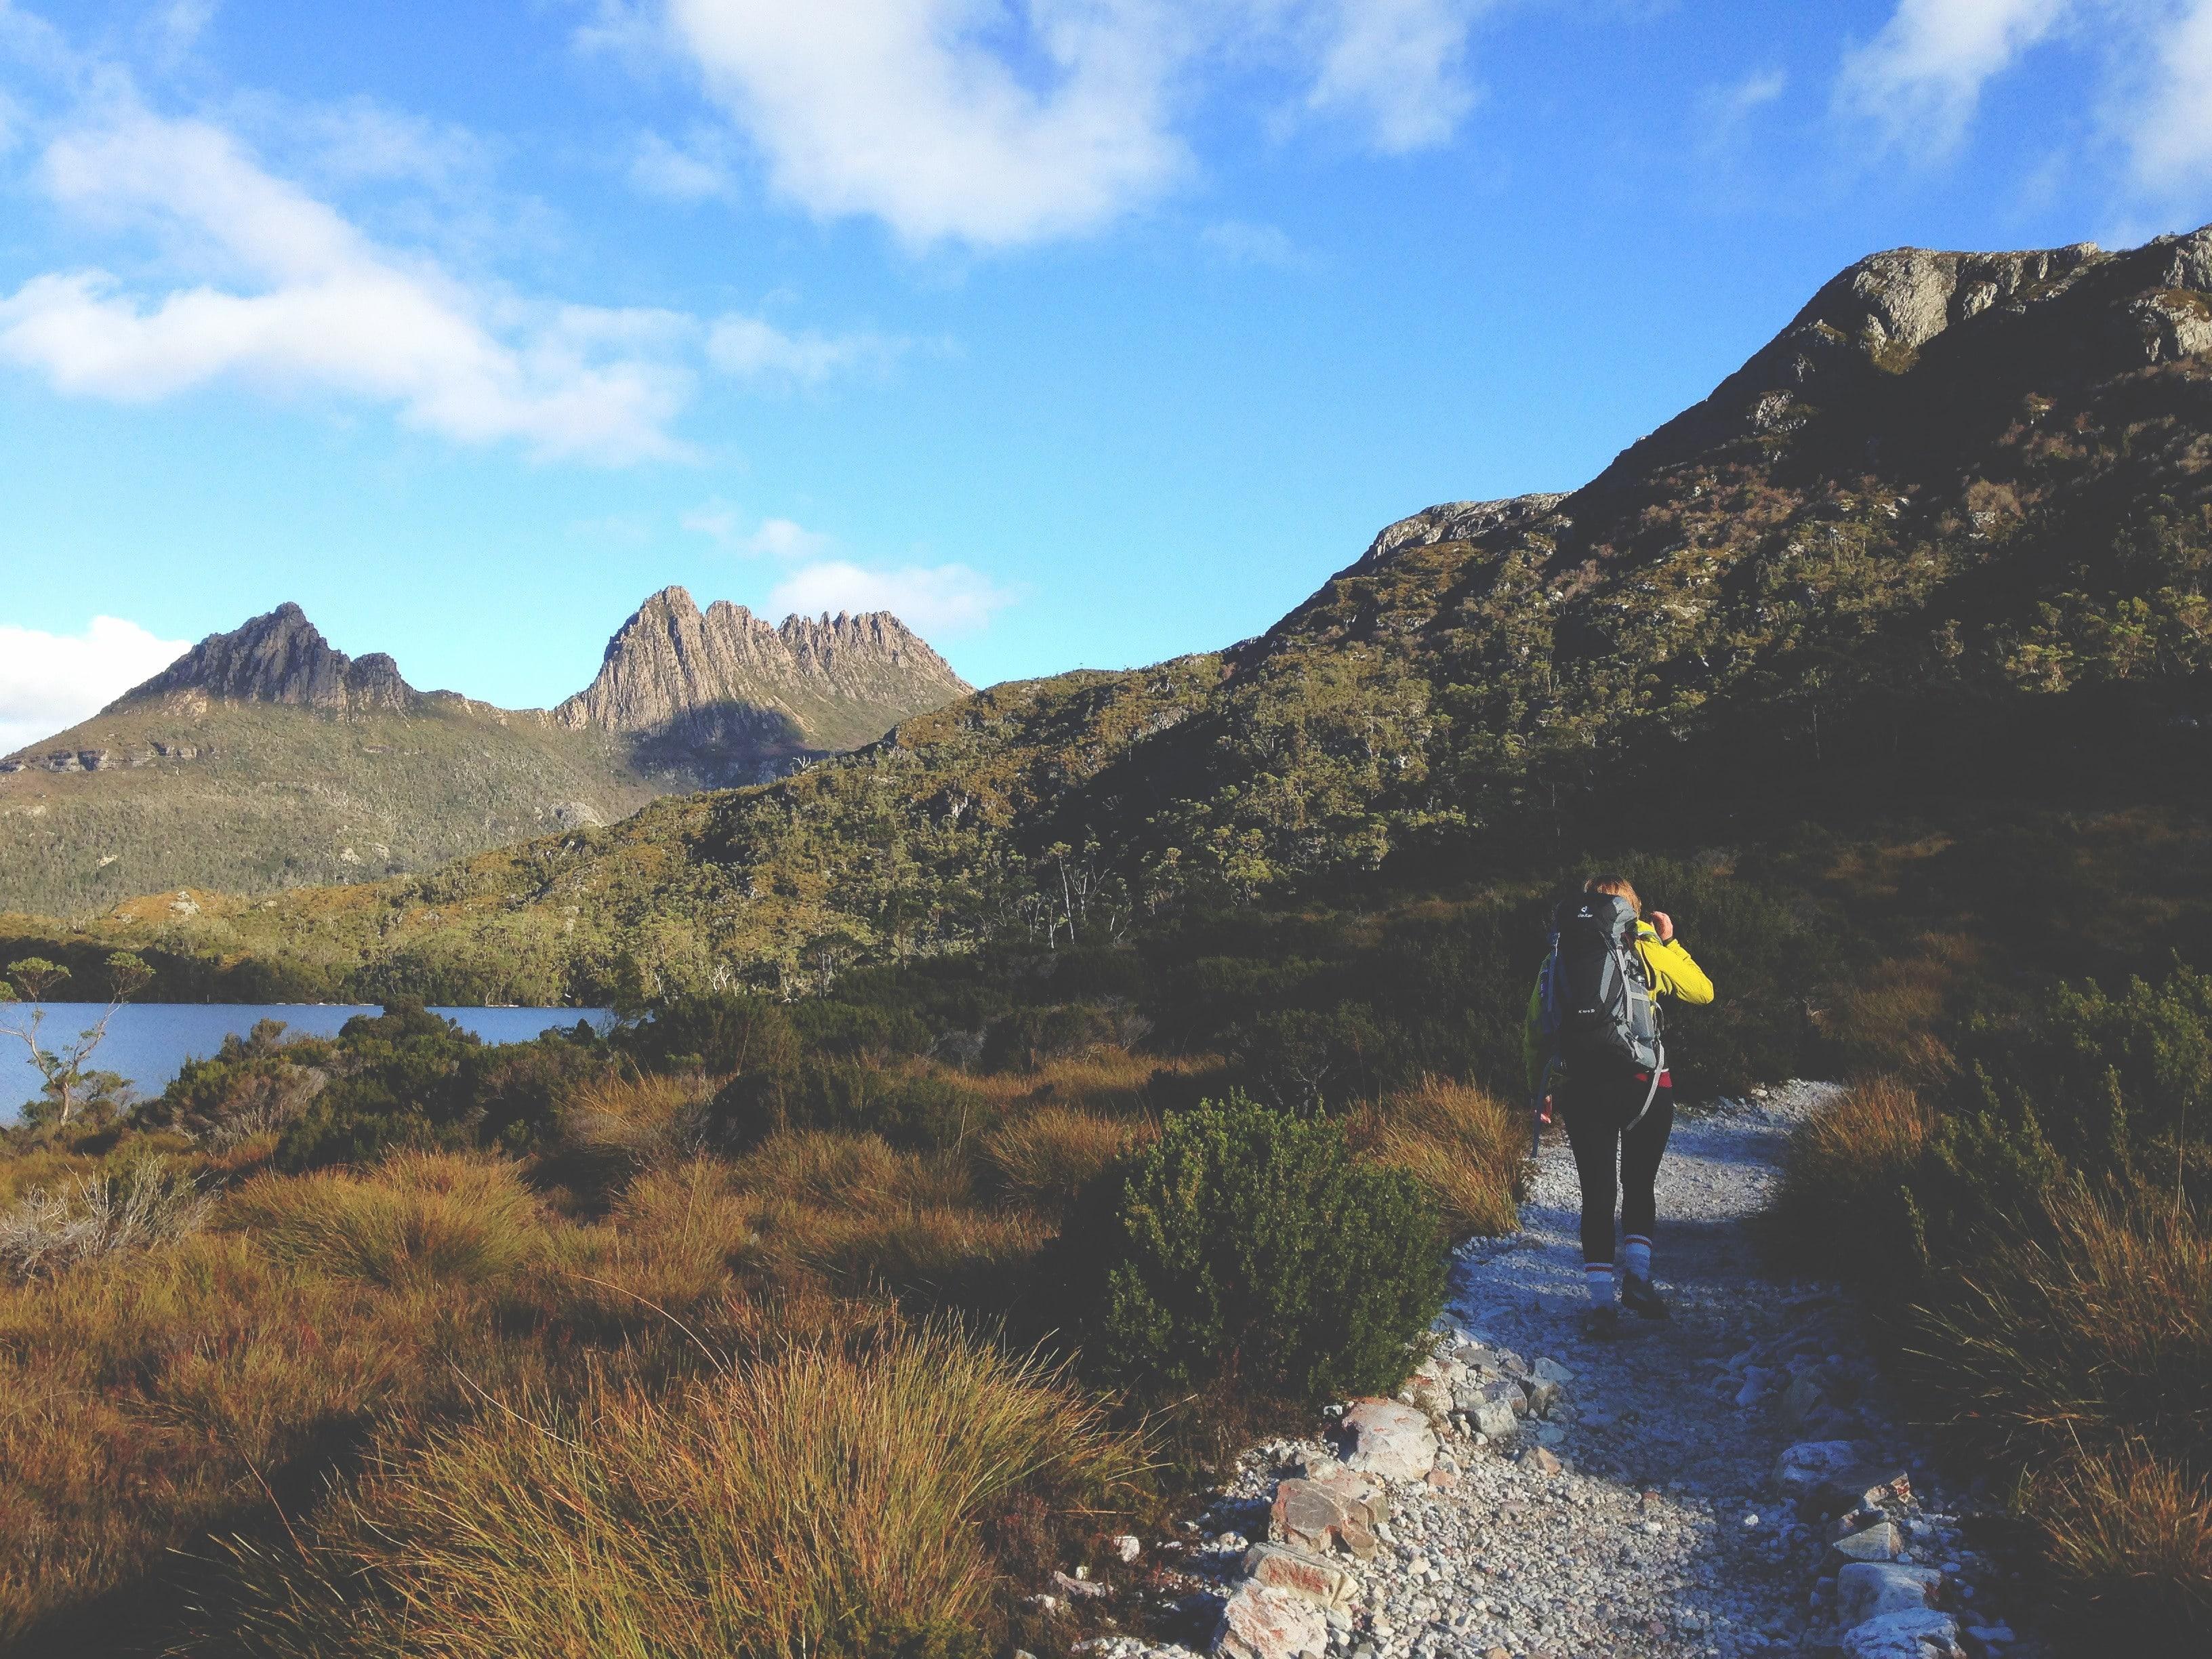 outdoor school trips australia - cradle mountain